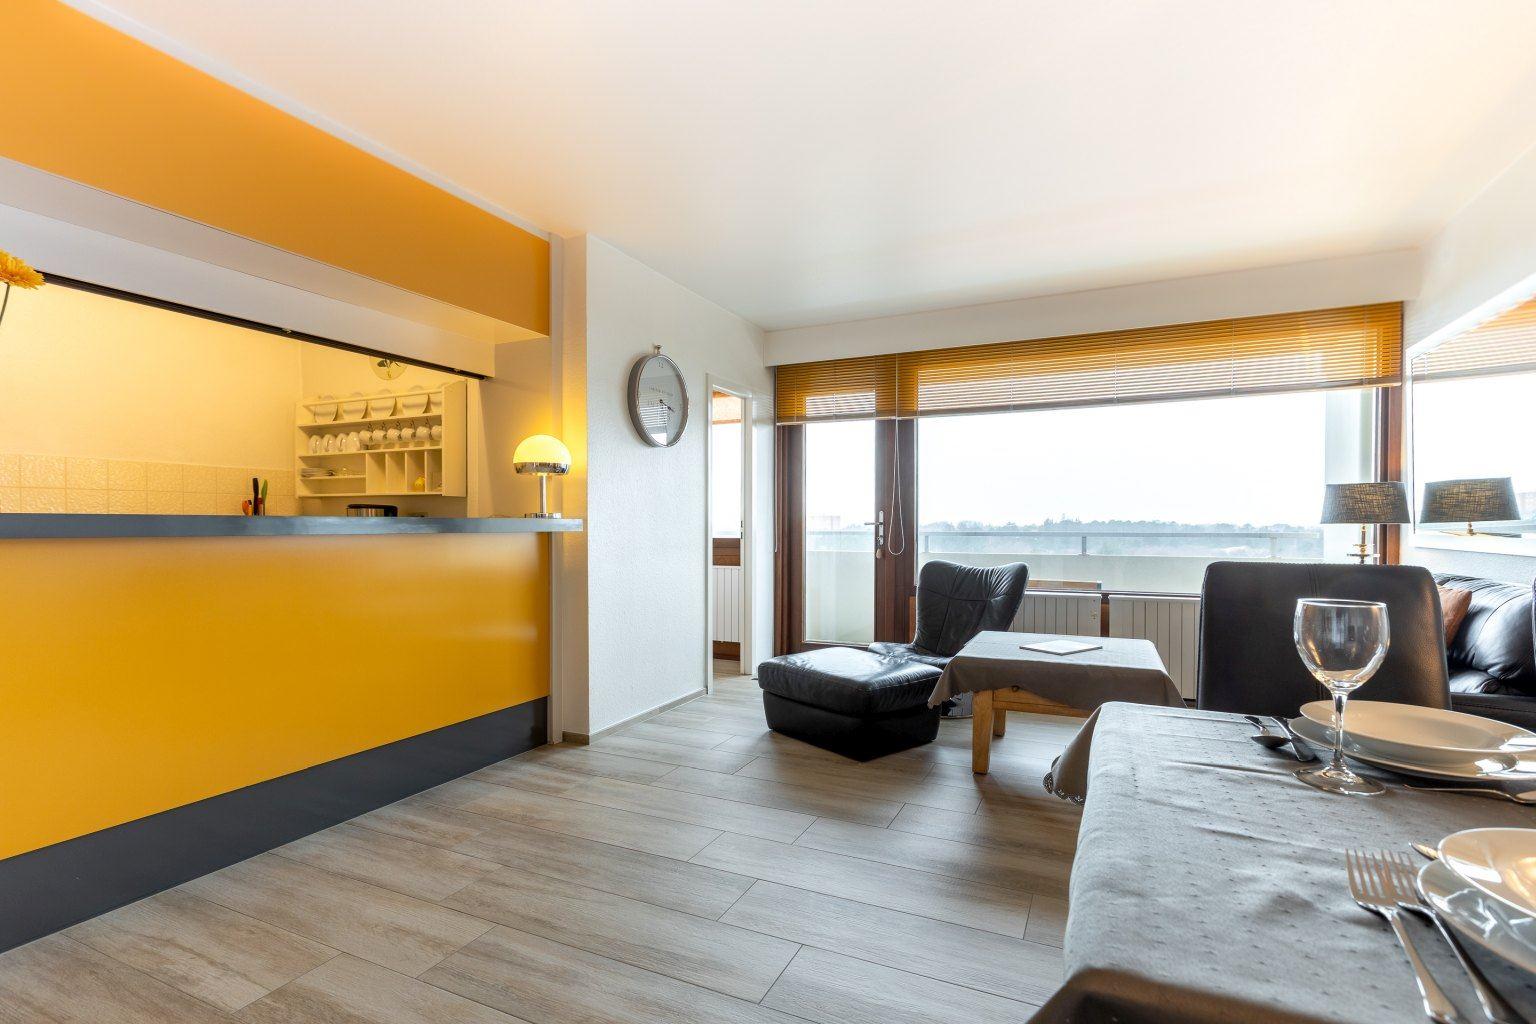 """Wohnzimmer und Küchentresen - St Peter Ording Bad, Haus Atlantic, Wohnung 96 """"Pidder"""""""